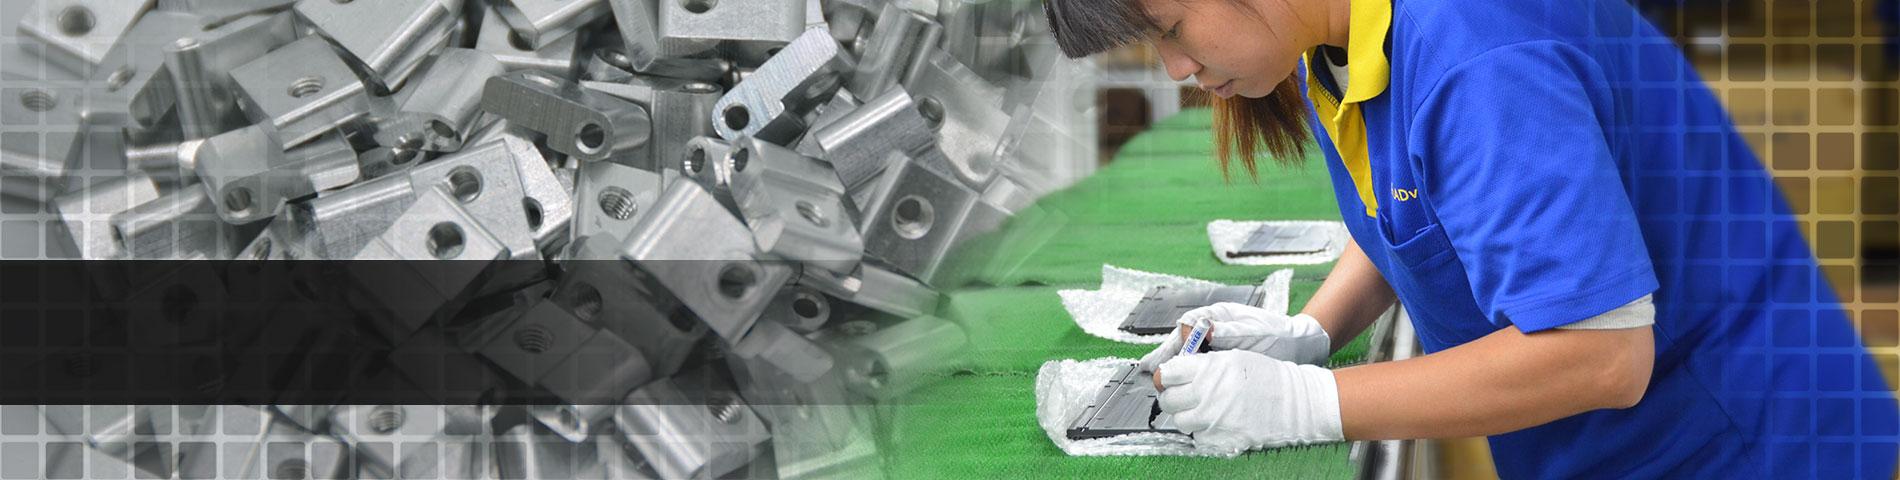 Precision Manufacture